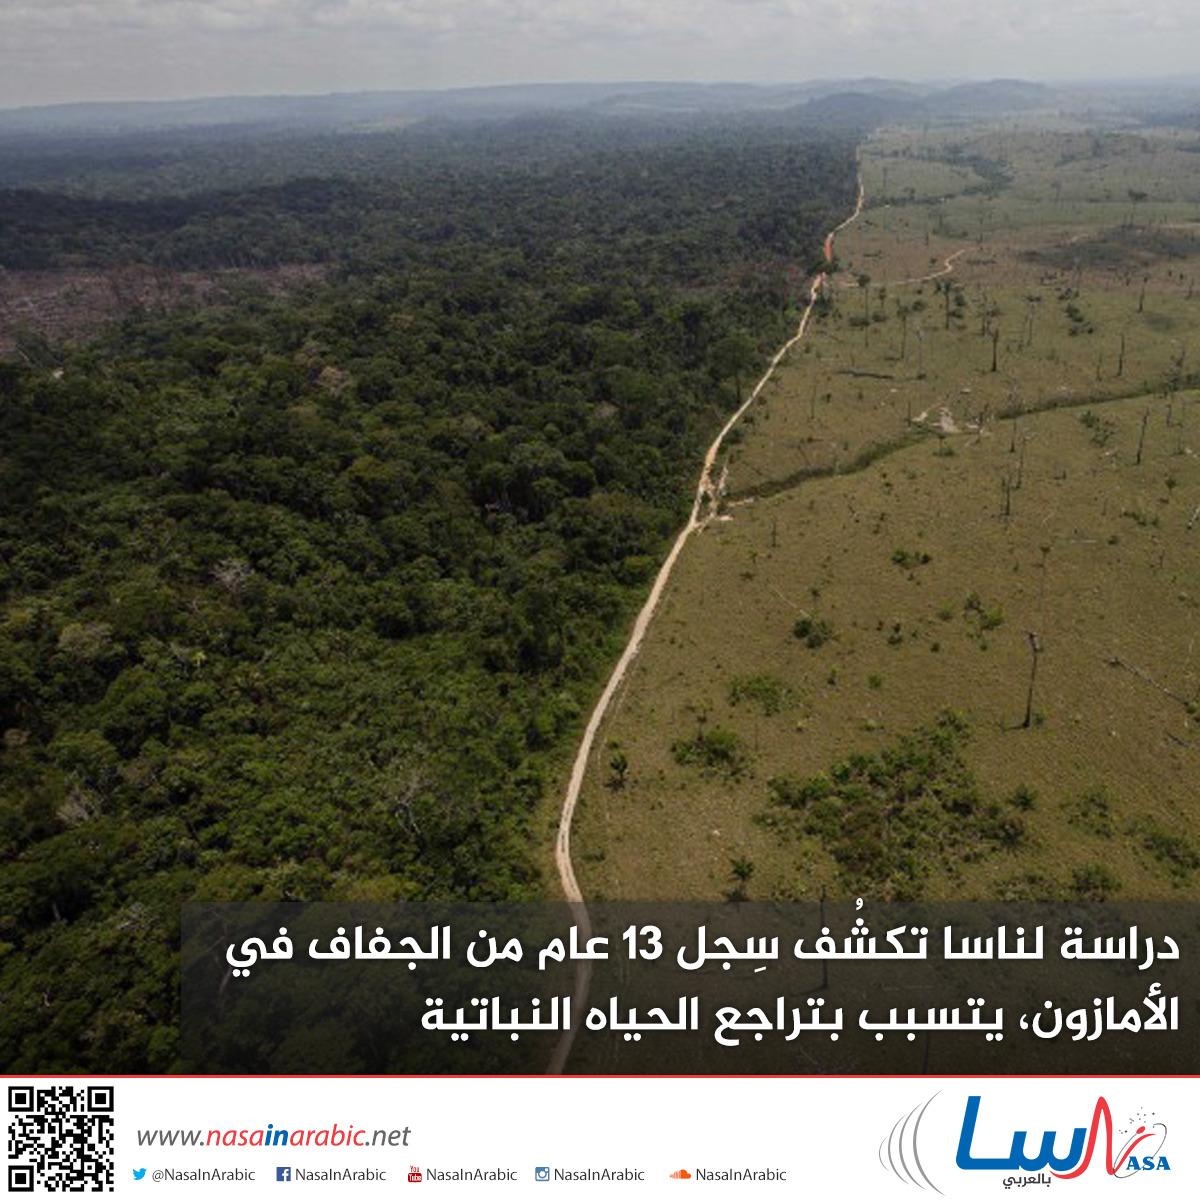 دراسة لناسا تكشُف سِجل 13 عام من الجفاف في الأمازون، يتسبب بتراجع الحياه النباتية